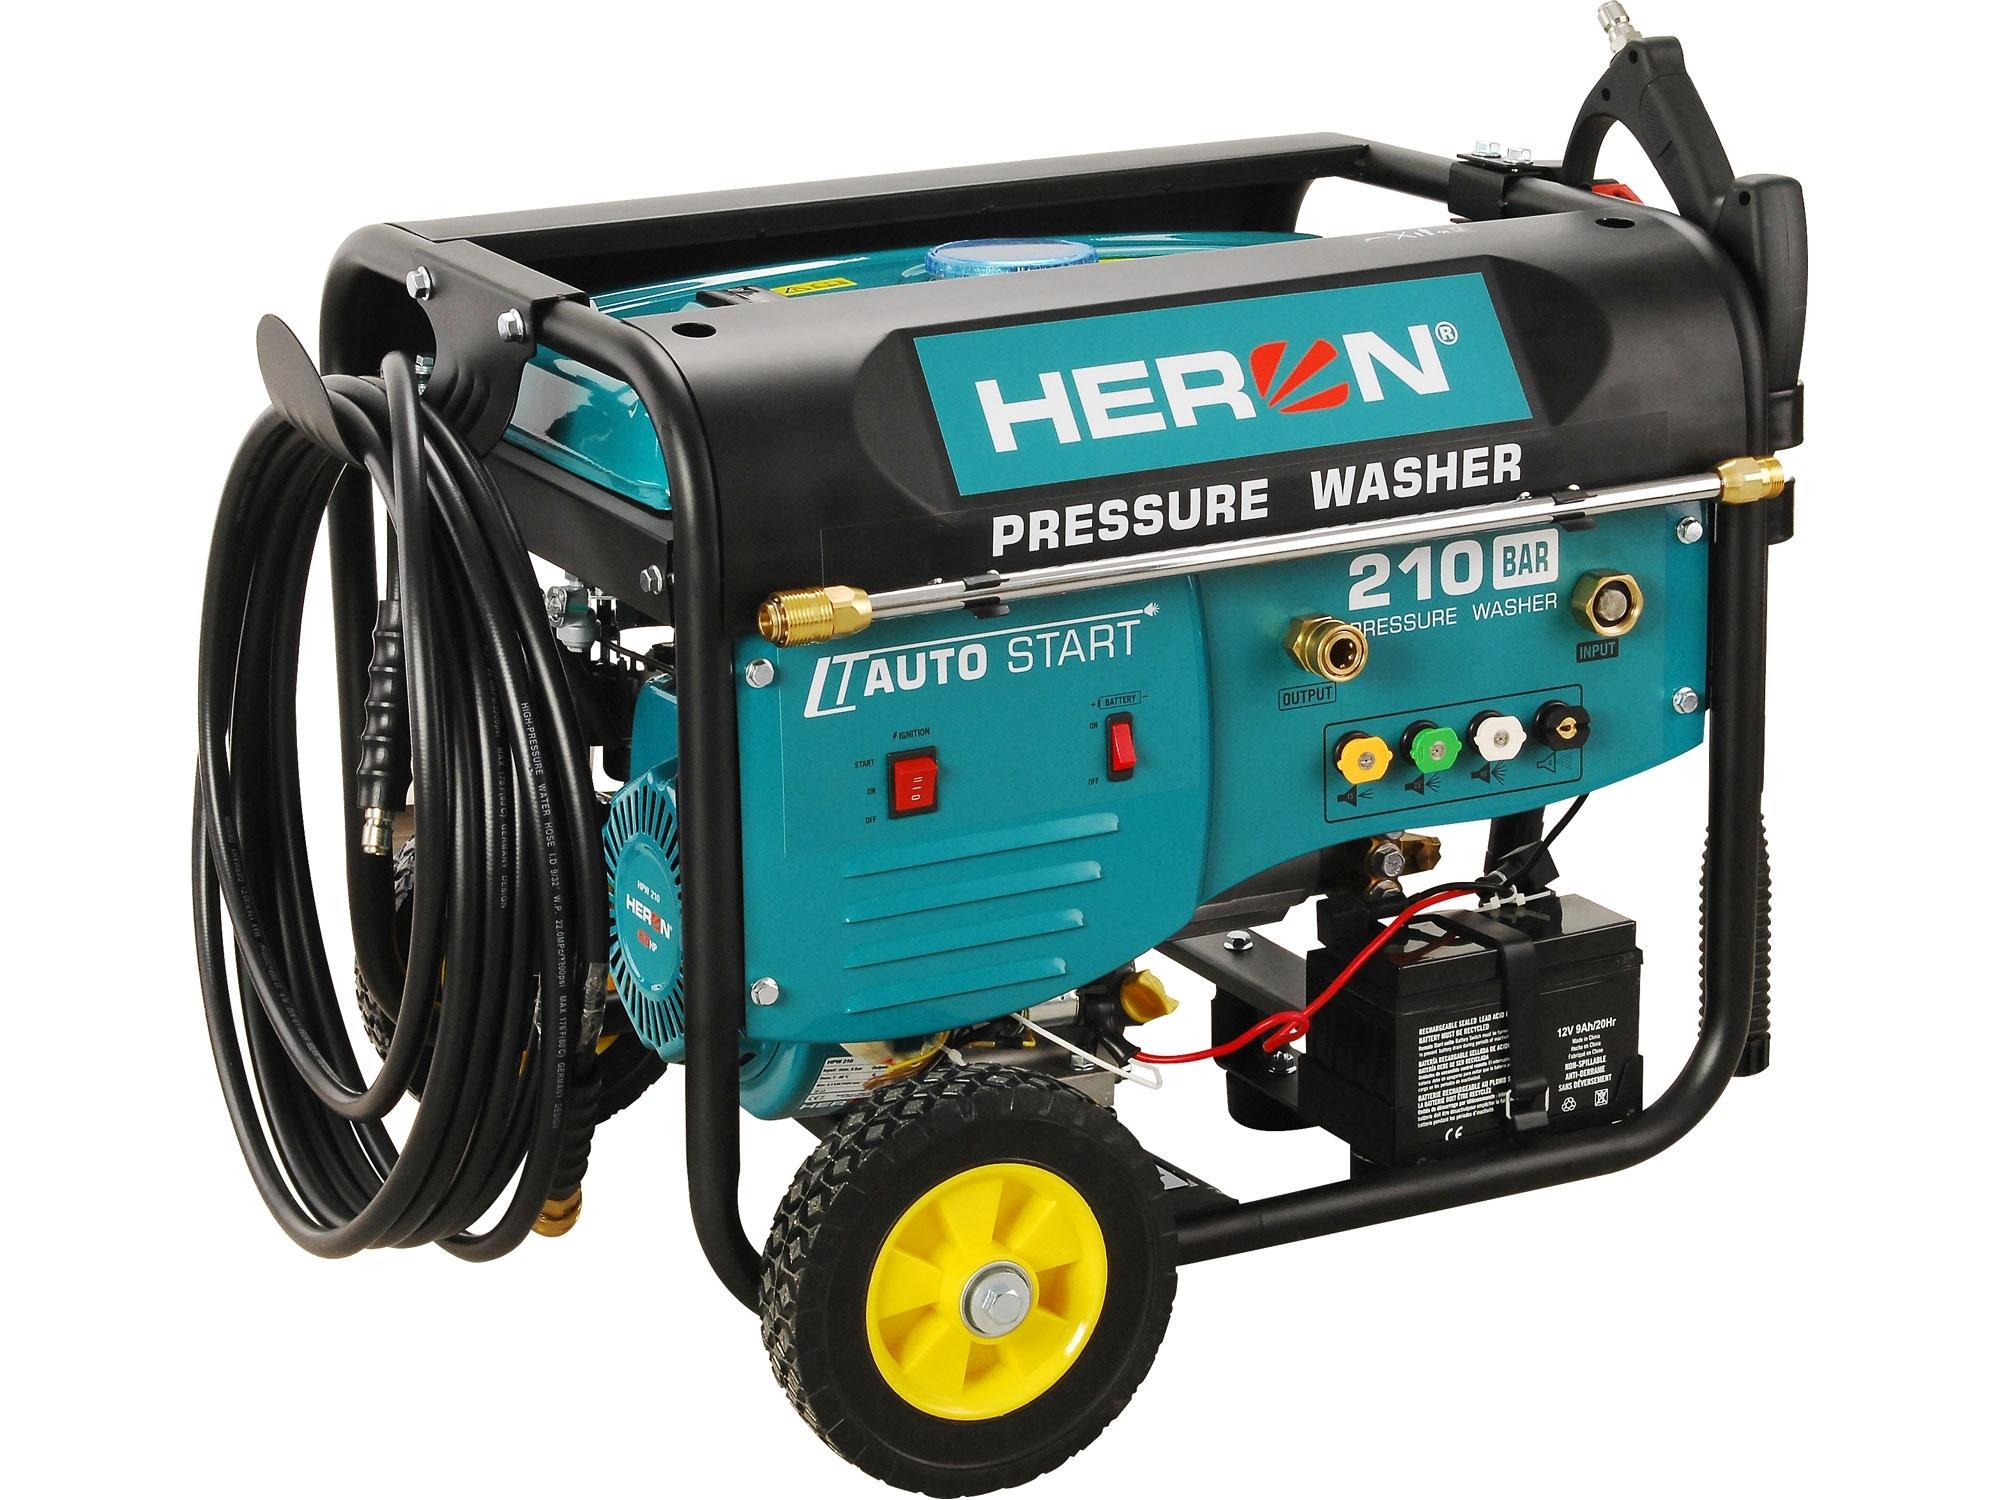 vysokotlaký motorový čistič s dálkovým ovládáním, el. startem, samonasáváním vody a šamponovačem, 210bar, HERON, HPW 210 8896350